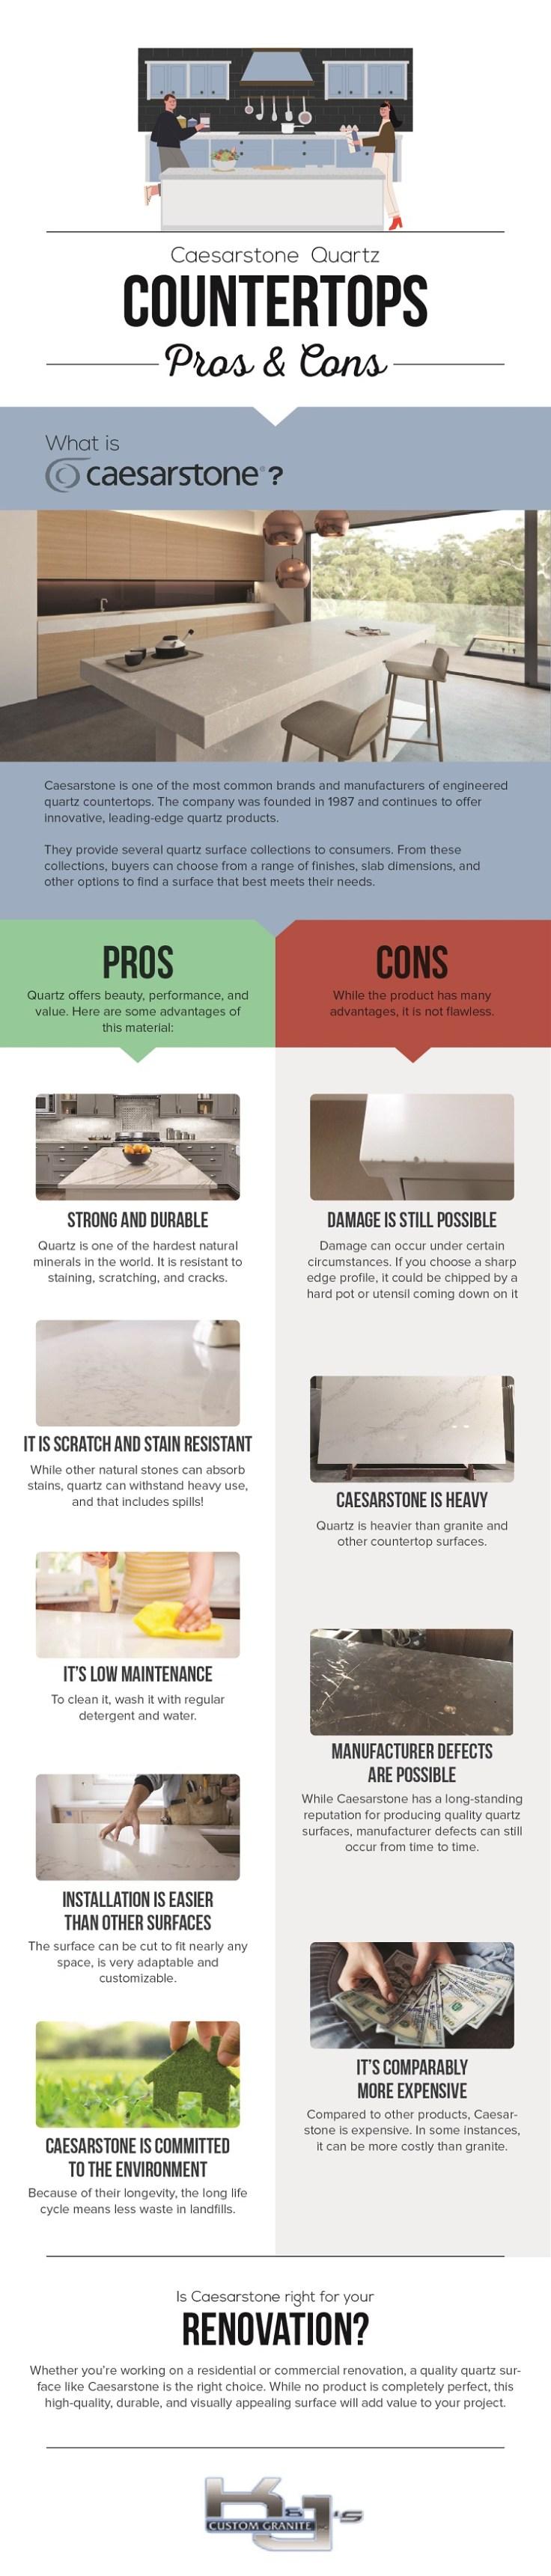 Infographic - Caesarstone Quartz Countertops Pros & Cons